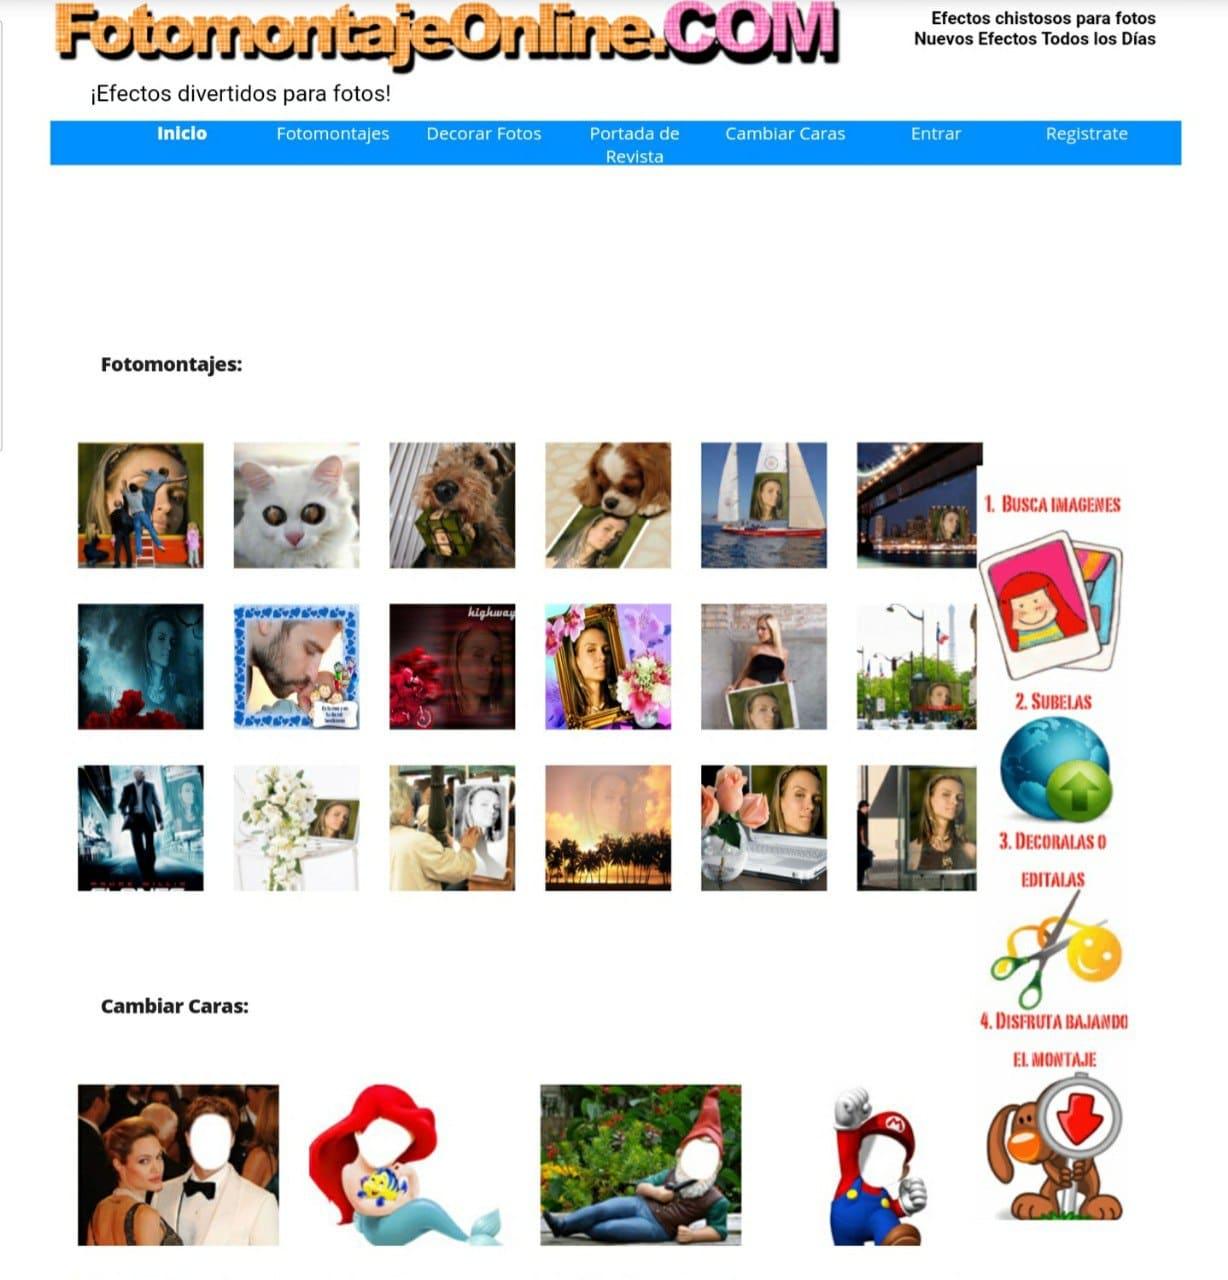 Fotomontajescom